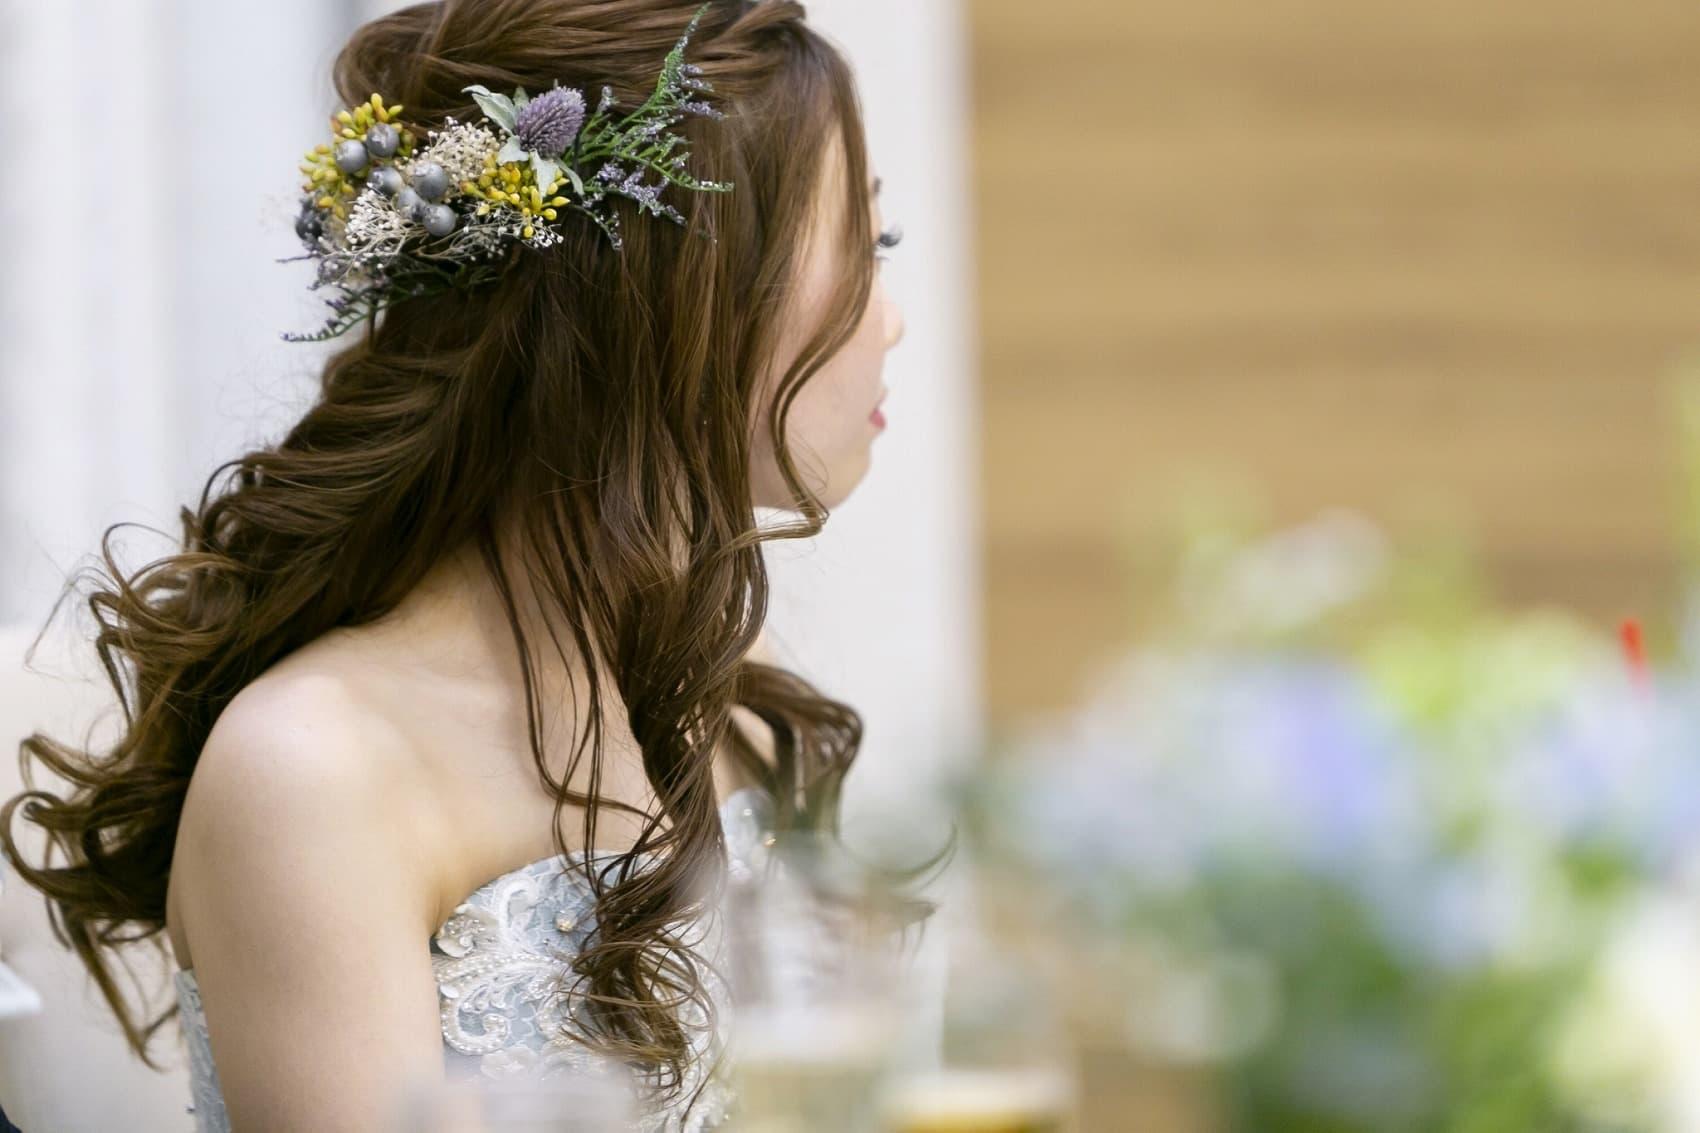 香川県の結婚式場シェルエメール&アイスタイルでトレンドを意識したナチュラルなウエディングヘア